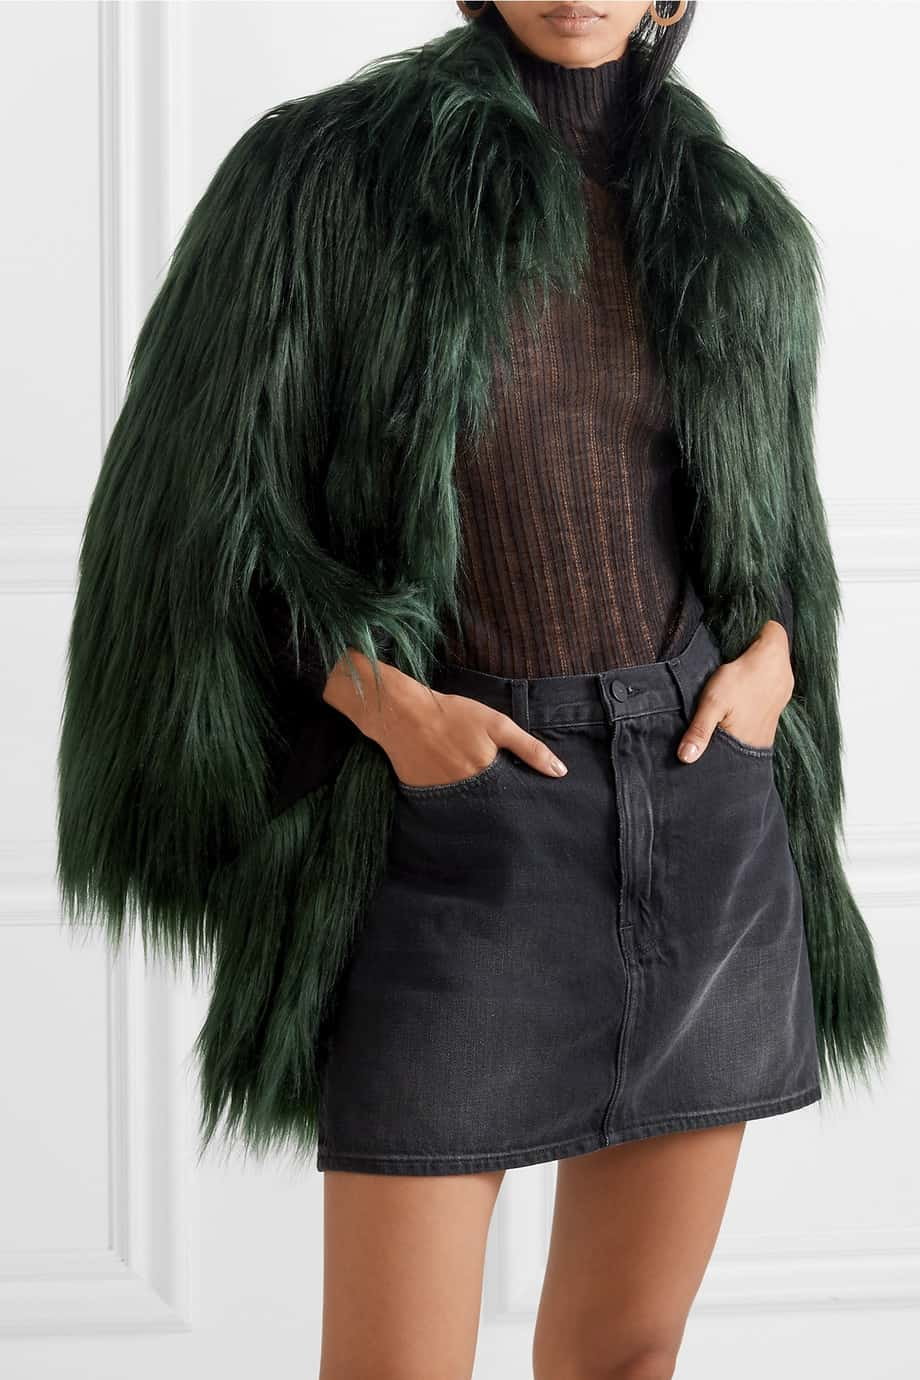 Mantel Trends Bianca stäglich Stilfrage